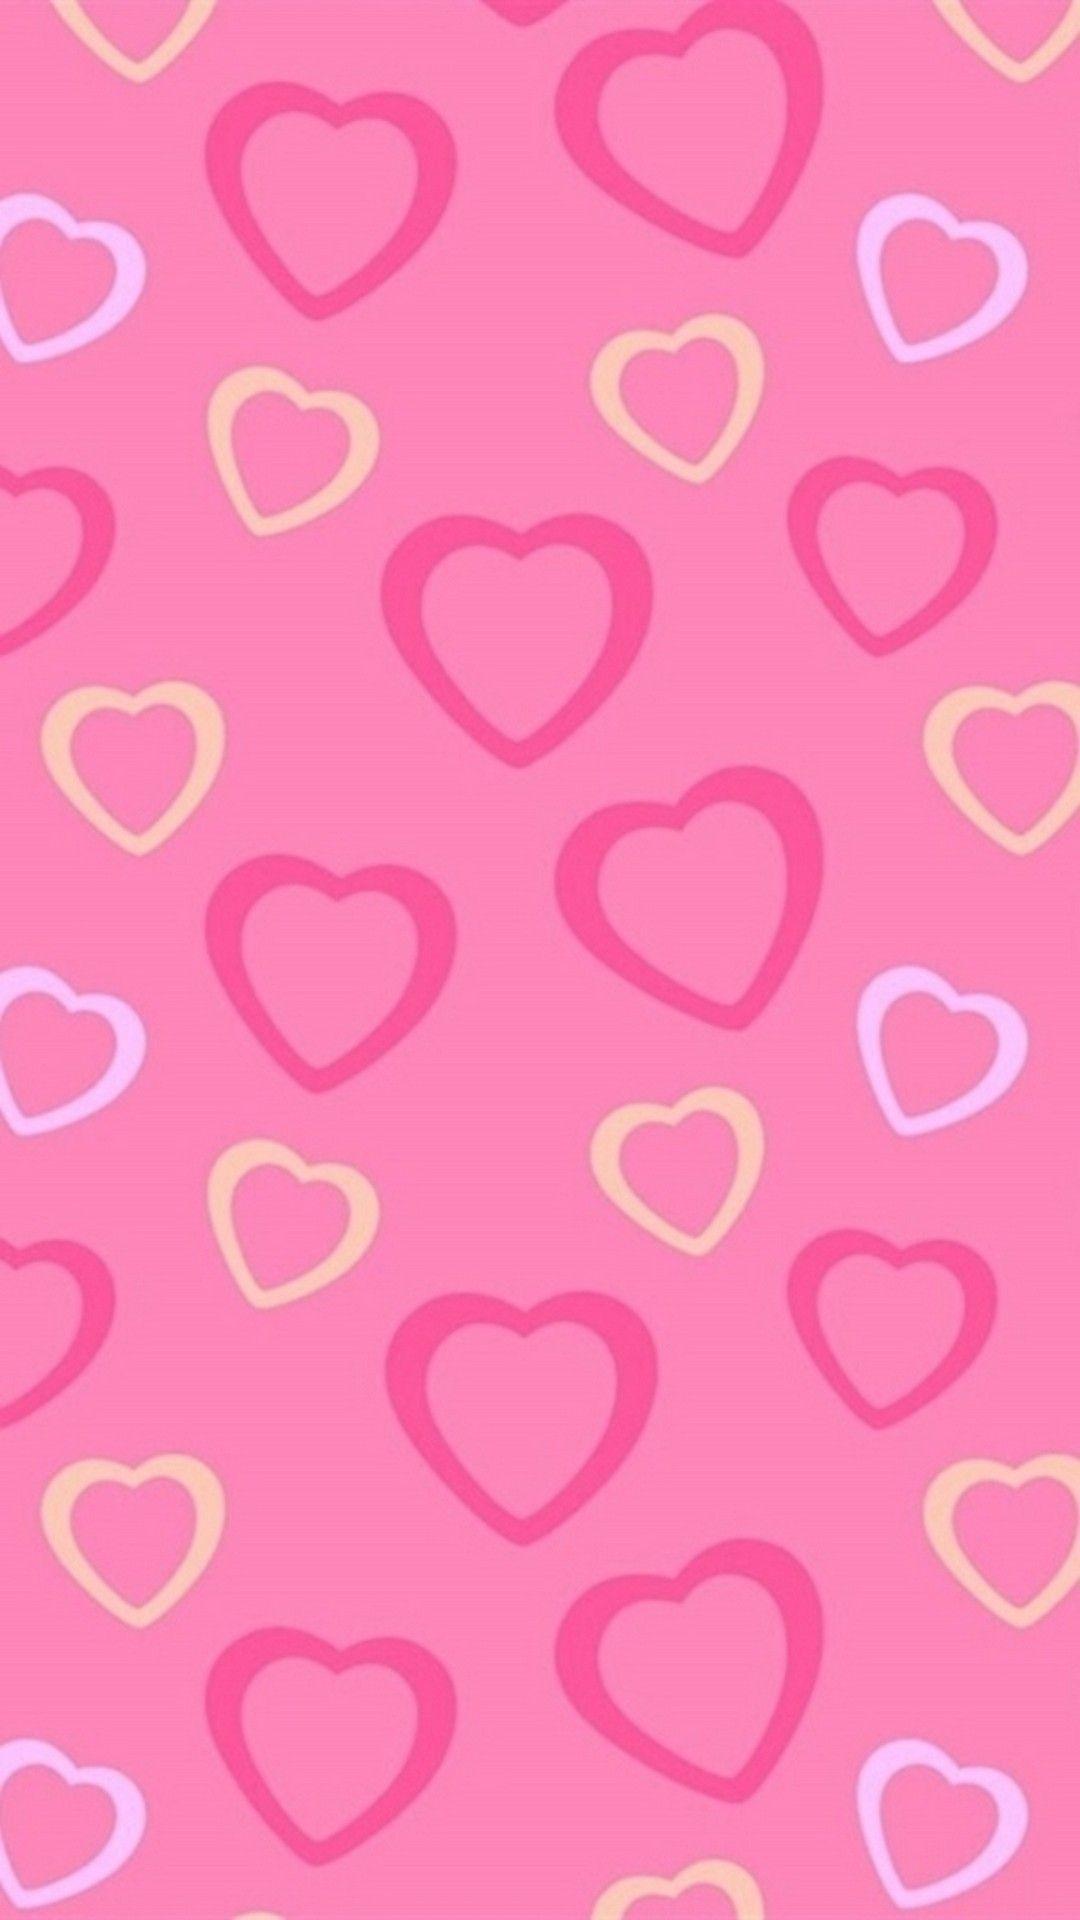 Cute Pink Iphone X Wallpaper Hd Best Phone Wallpaper Iphone Wallpaper Girly Pink Wallpaper Iphone Galaxy Wallpaper